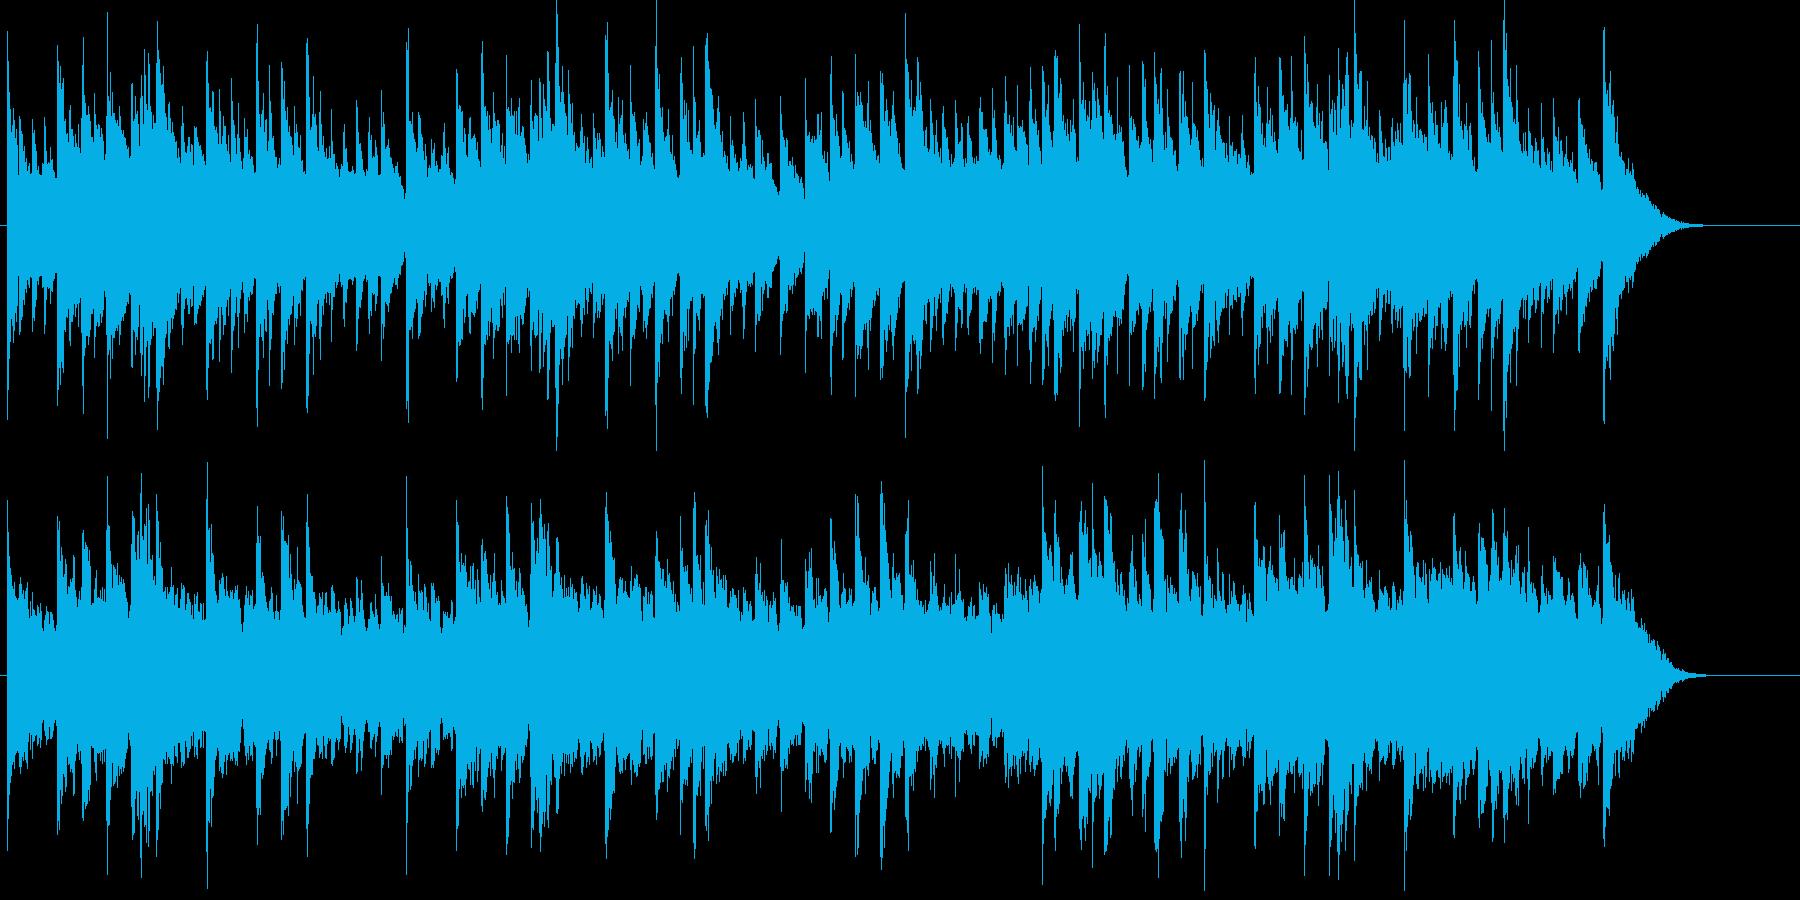 可愛らしい雰囲気の穏やかなBGMの再生済みの波形